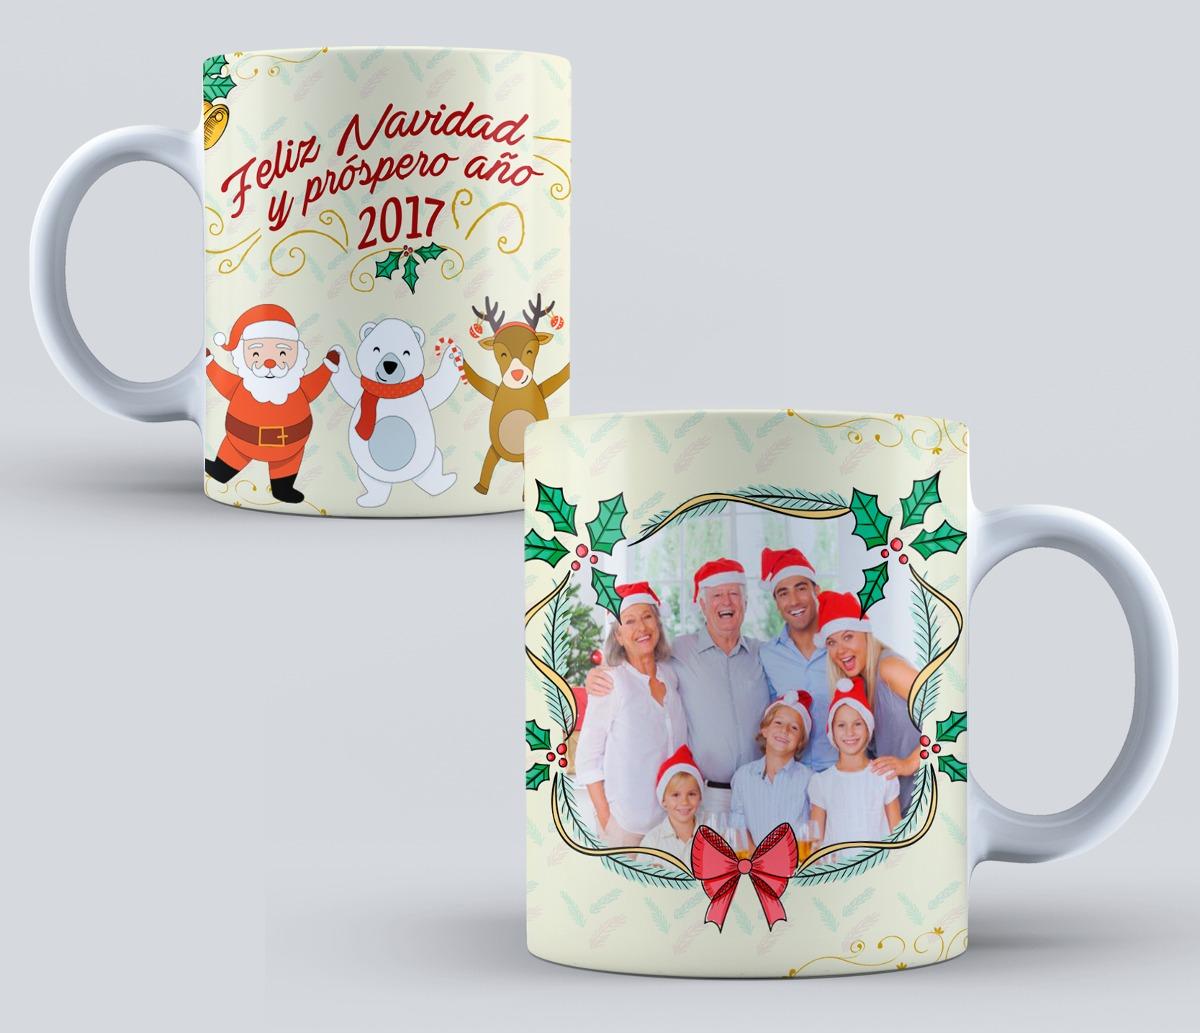 dise u00f1os para tazas navide u00f1os   2016